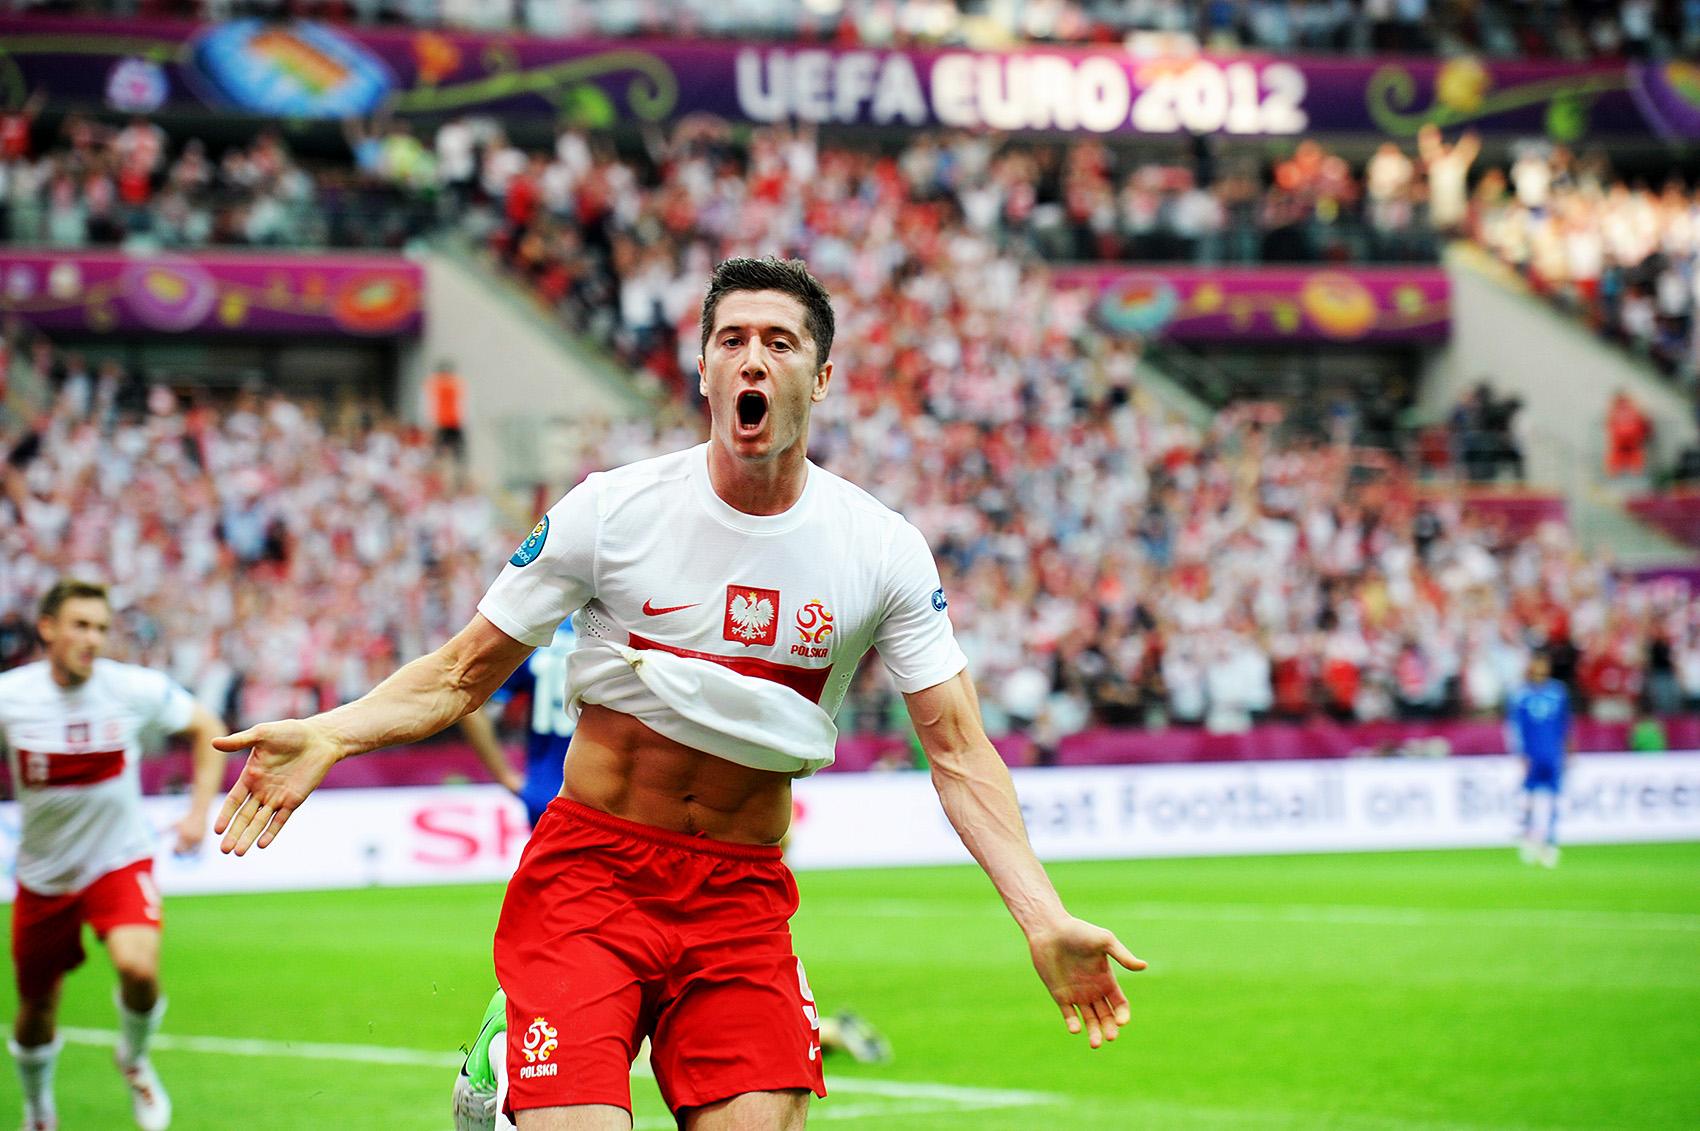 Mecz otwarcia Polska – Grecja